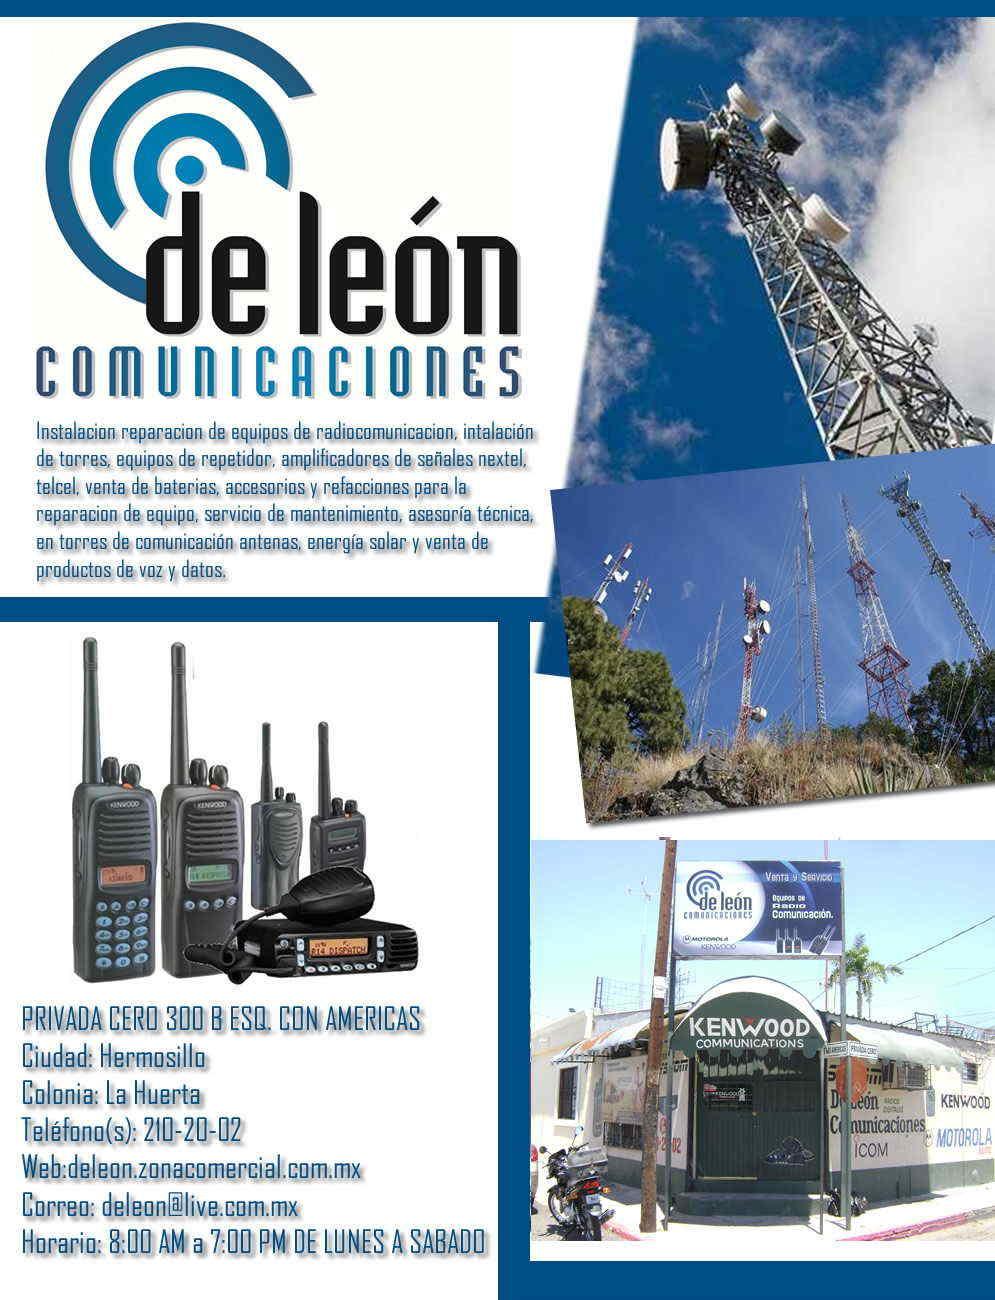 De leon comunicaciones en hermosillo anunciado por for Refaccionarias en hermosillo